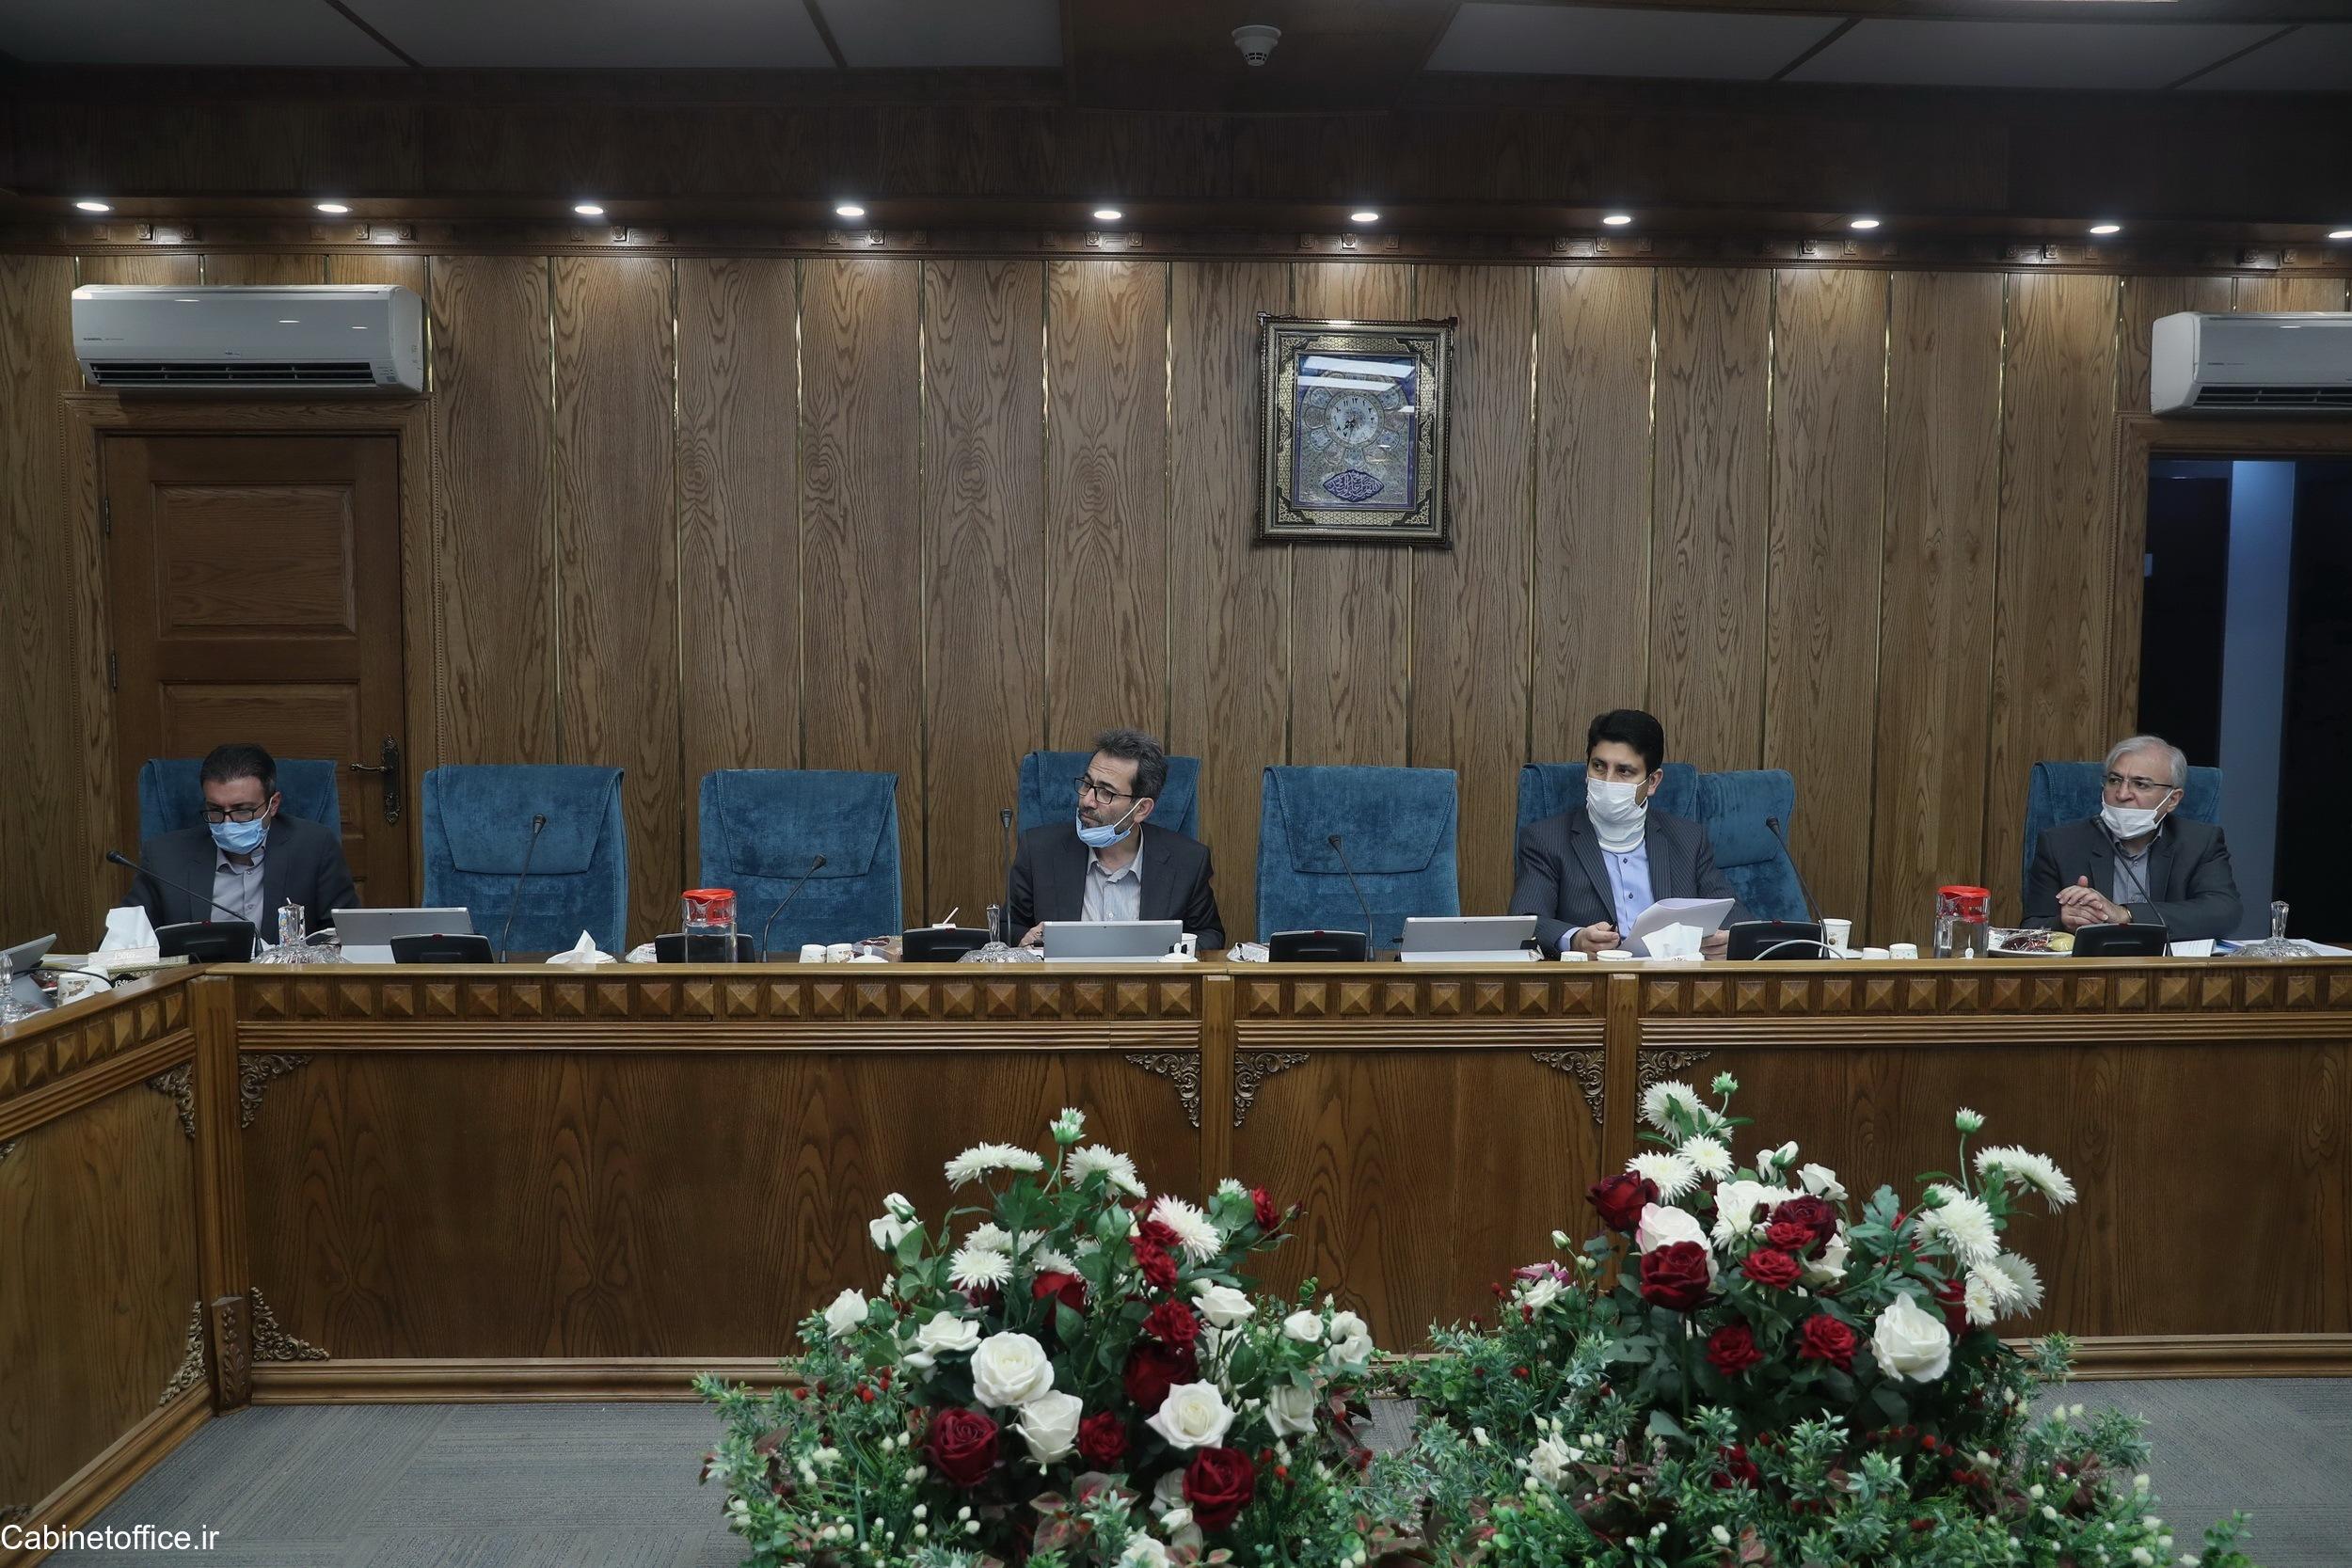 جلسه اصلی کمیسیون علمی، تحقیقاتی و فناوری در تاریخ یکم مرداد ۱۳۹۹